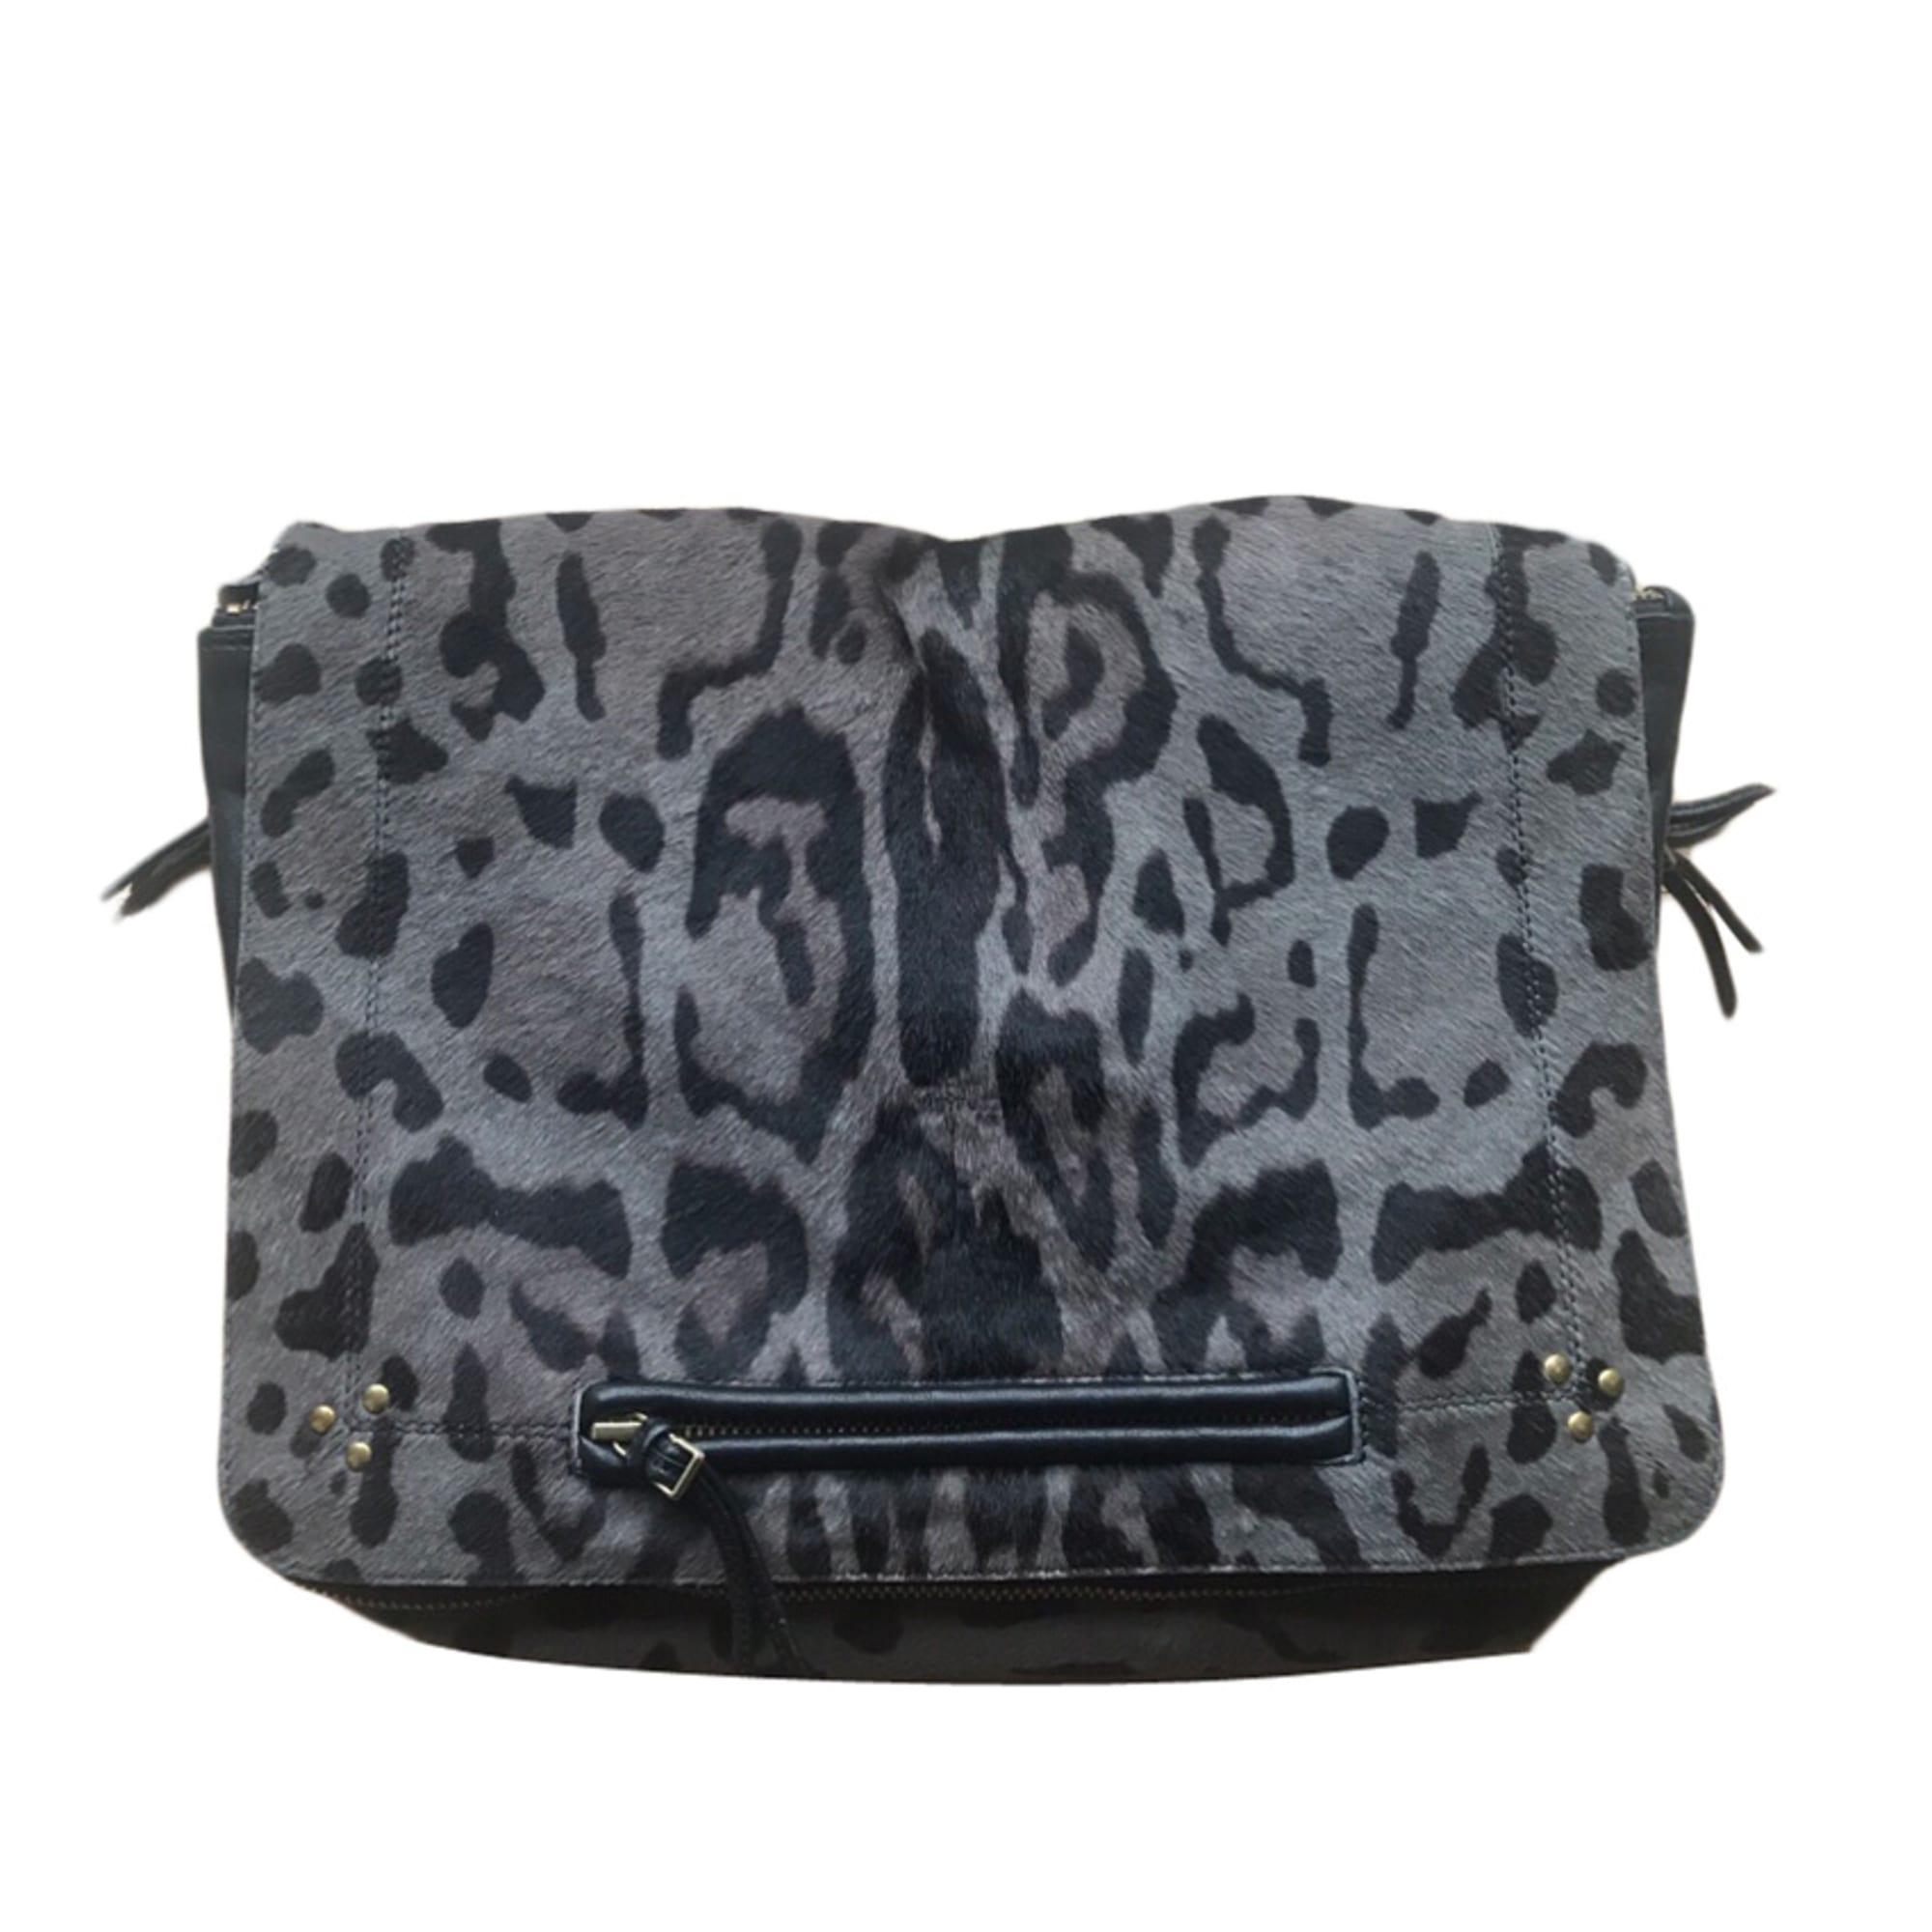 Leather Shoulder Bag JEROME DREYFUSS Animal prints